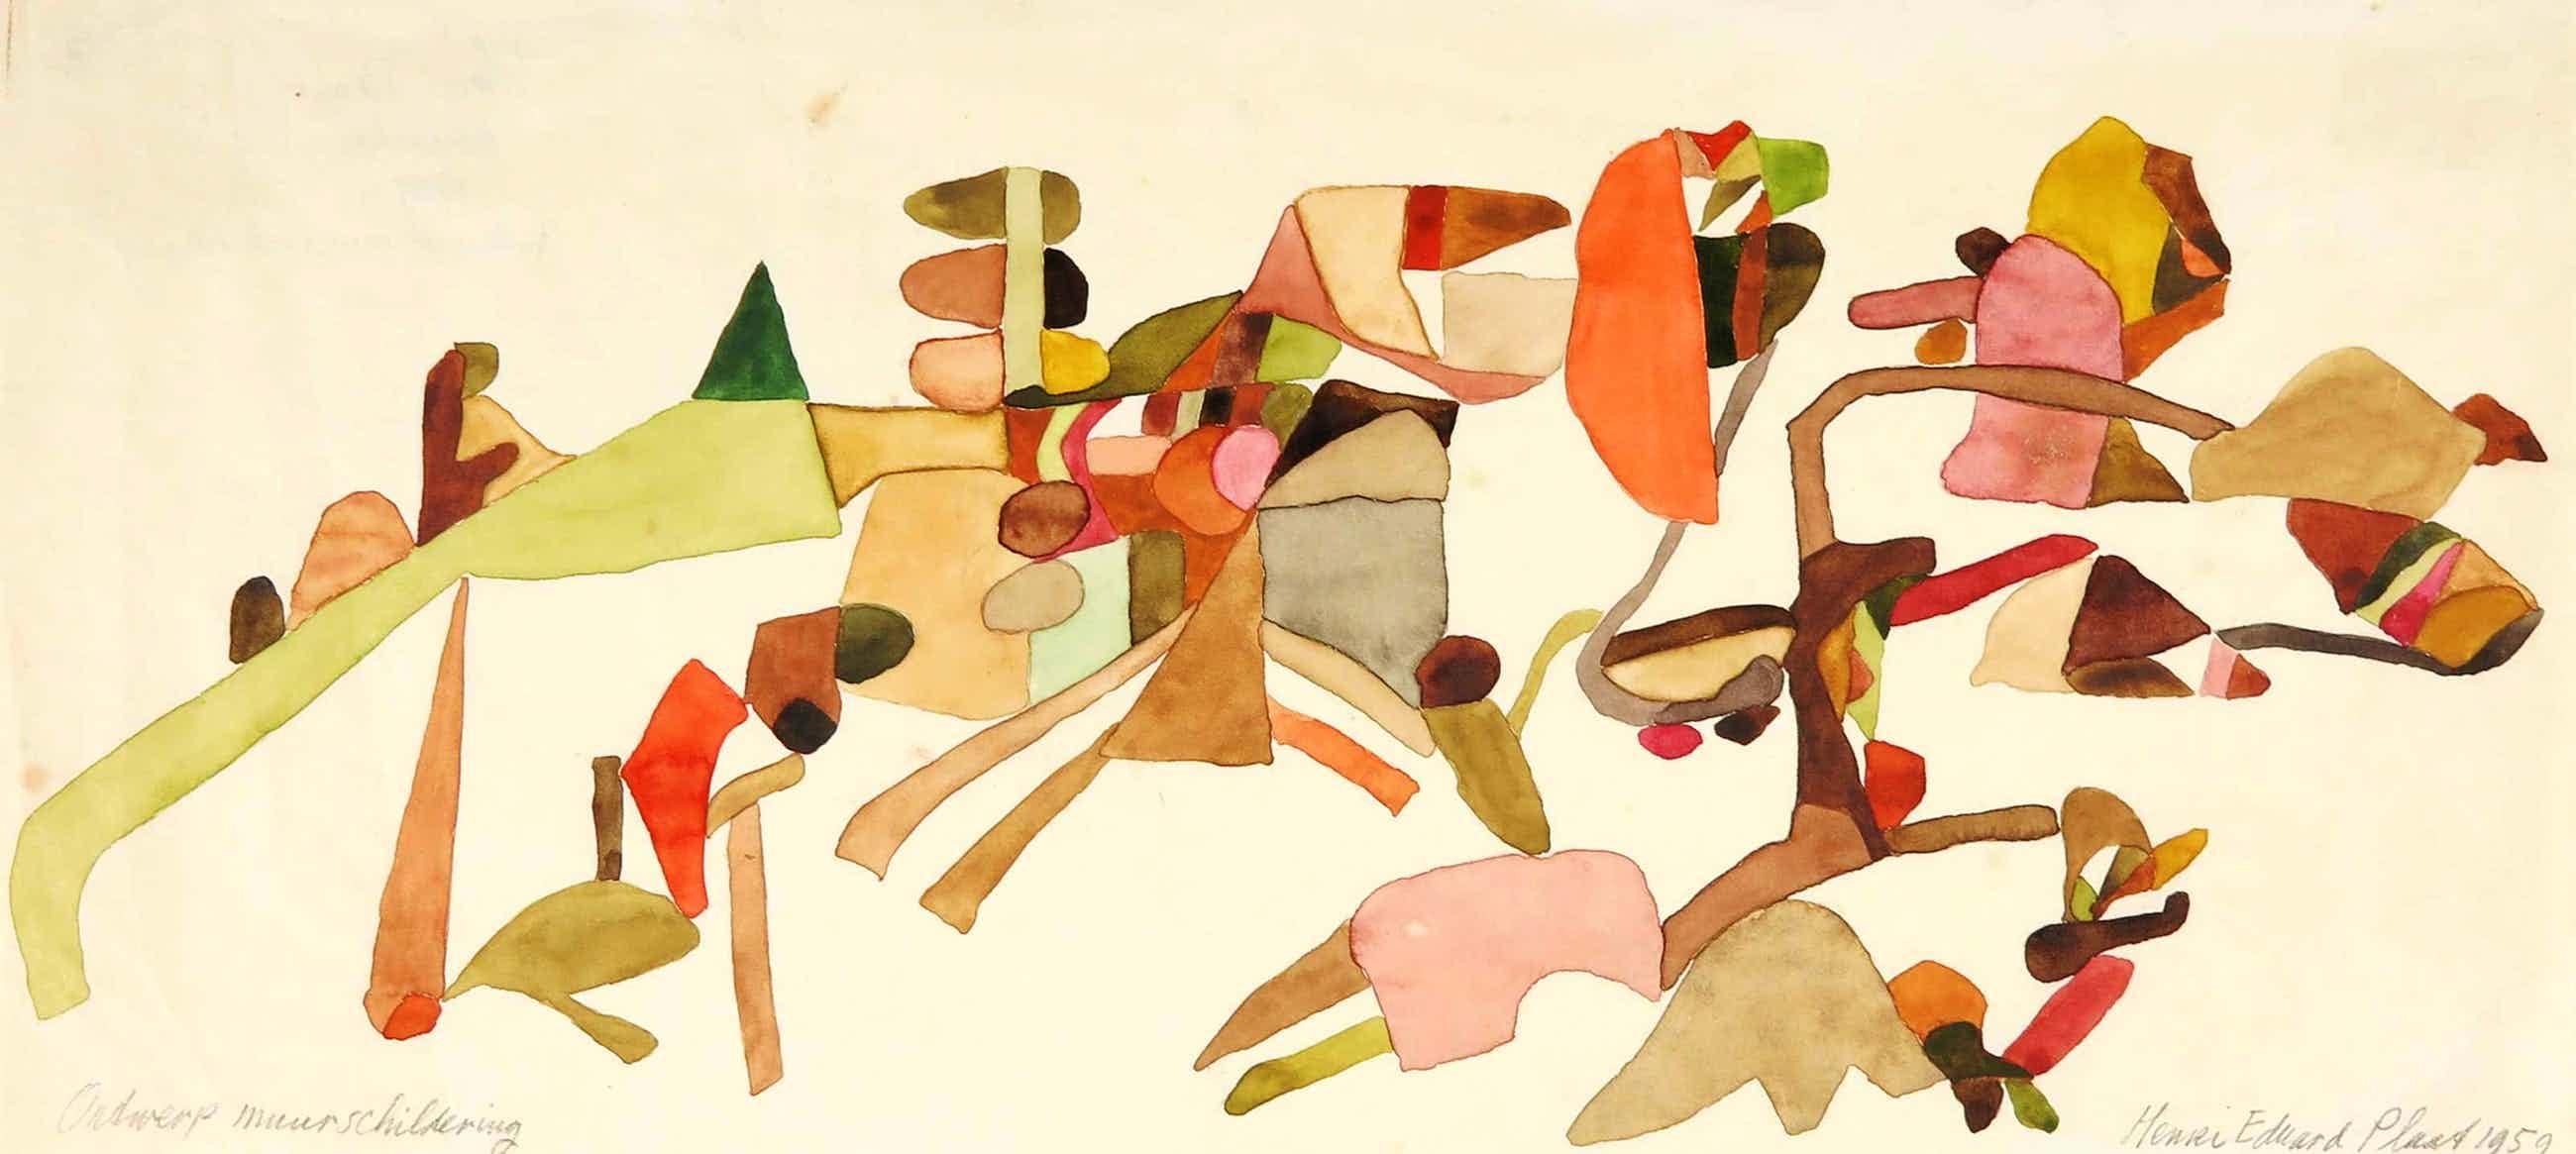 Henri Plaat - Gouache, Ontwerp muurschildering kopen? Bied vanaf 60!